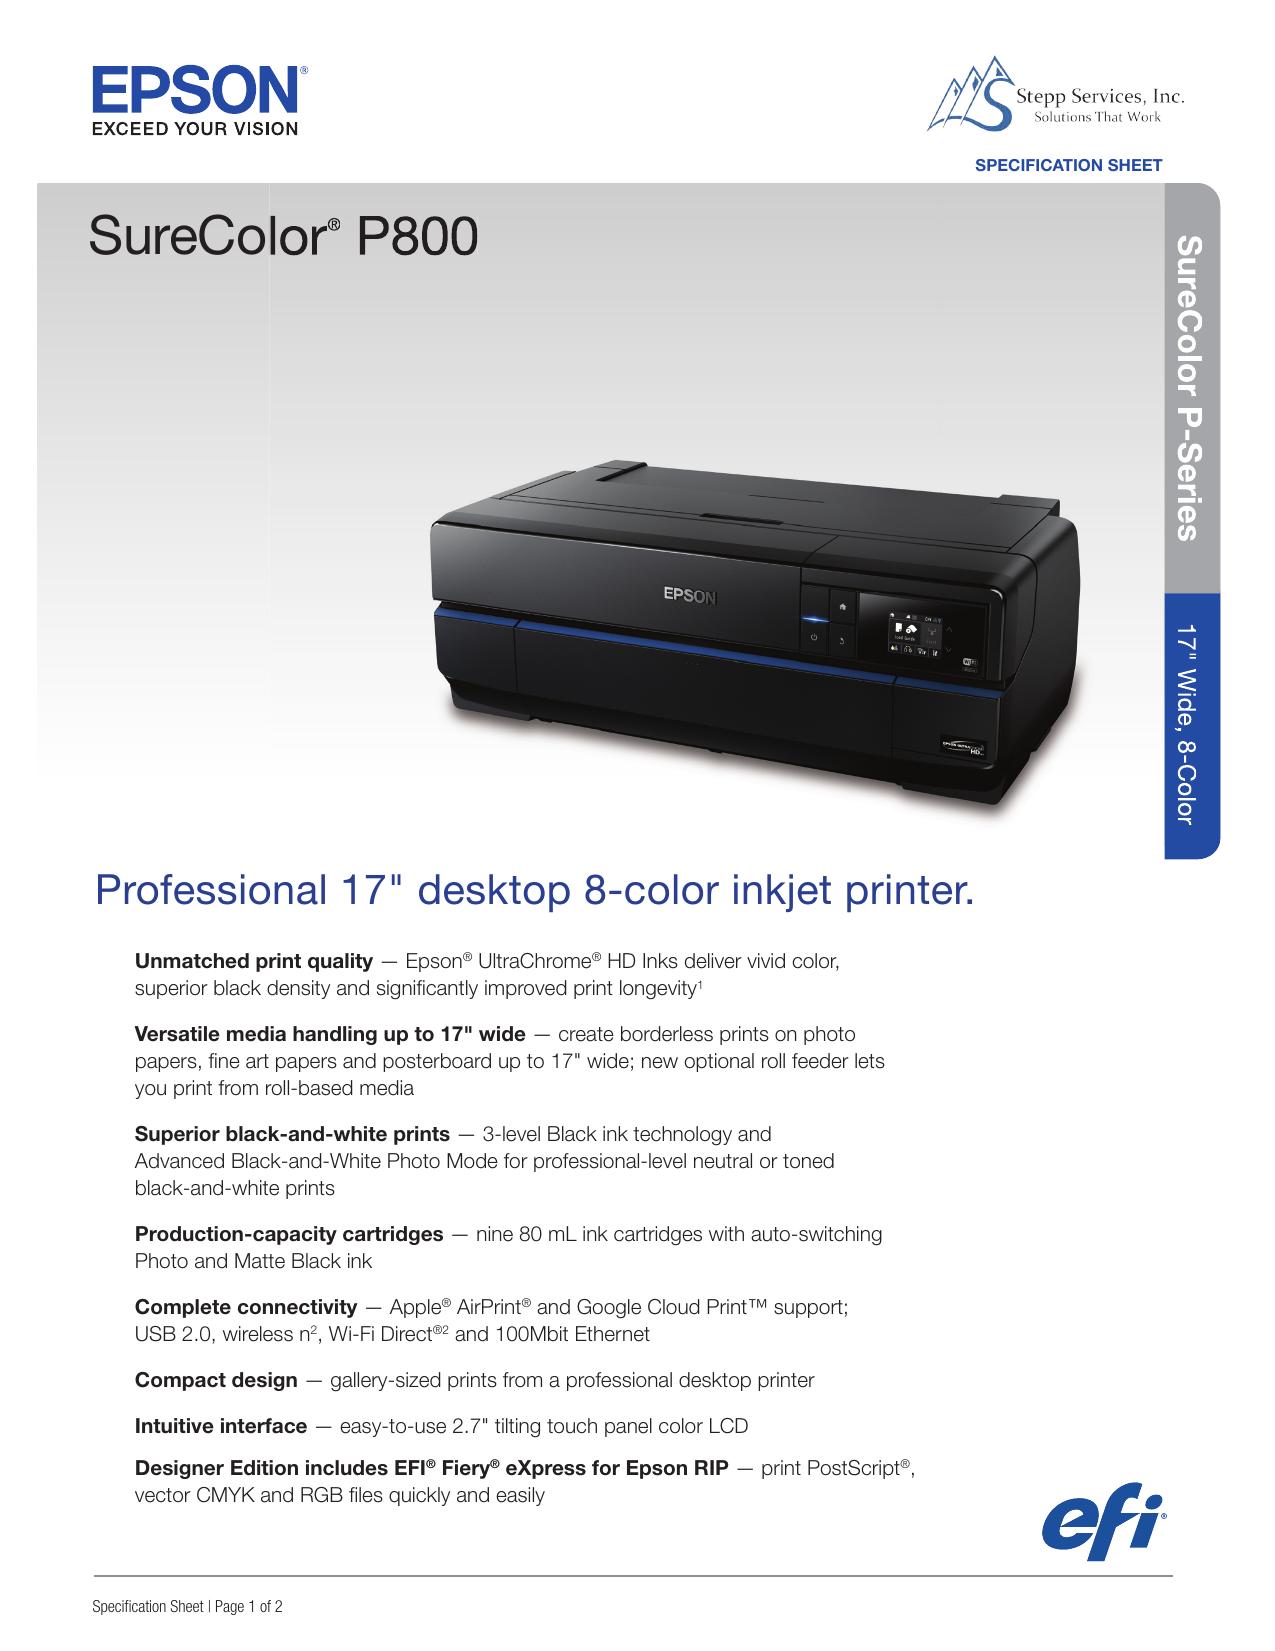 SureColor® P800 - Stepp Services, Inc  | manualzz com